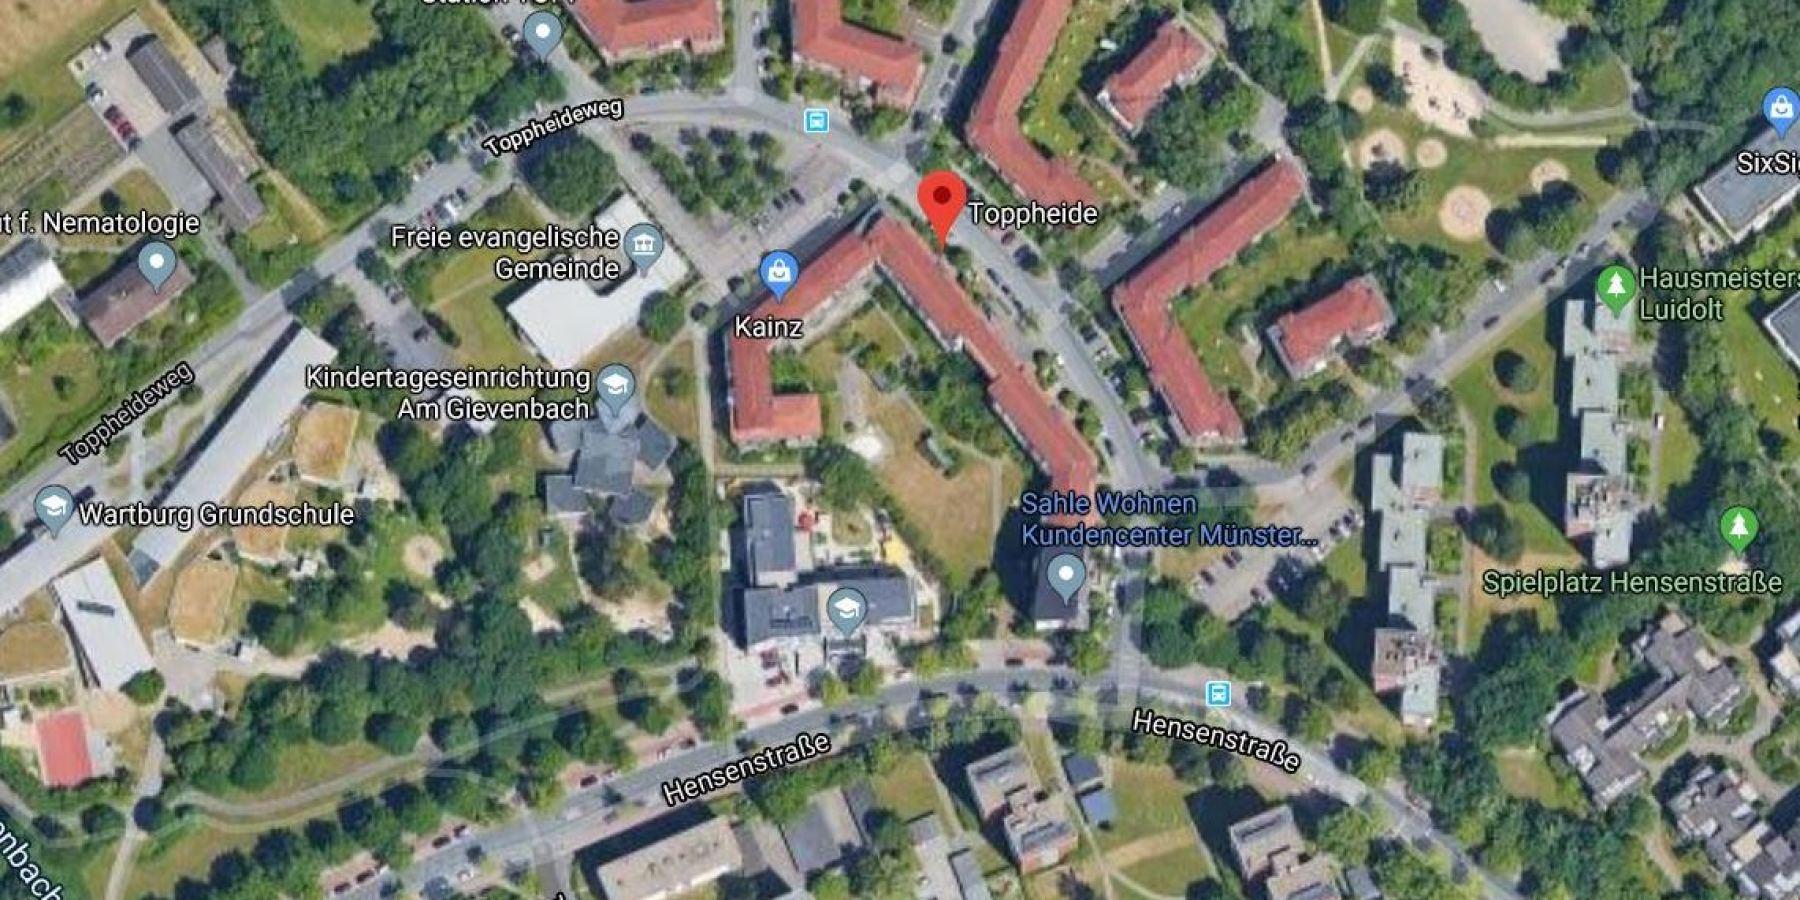 Neues Wohnquartier in Gievenbeck-Toppheide